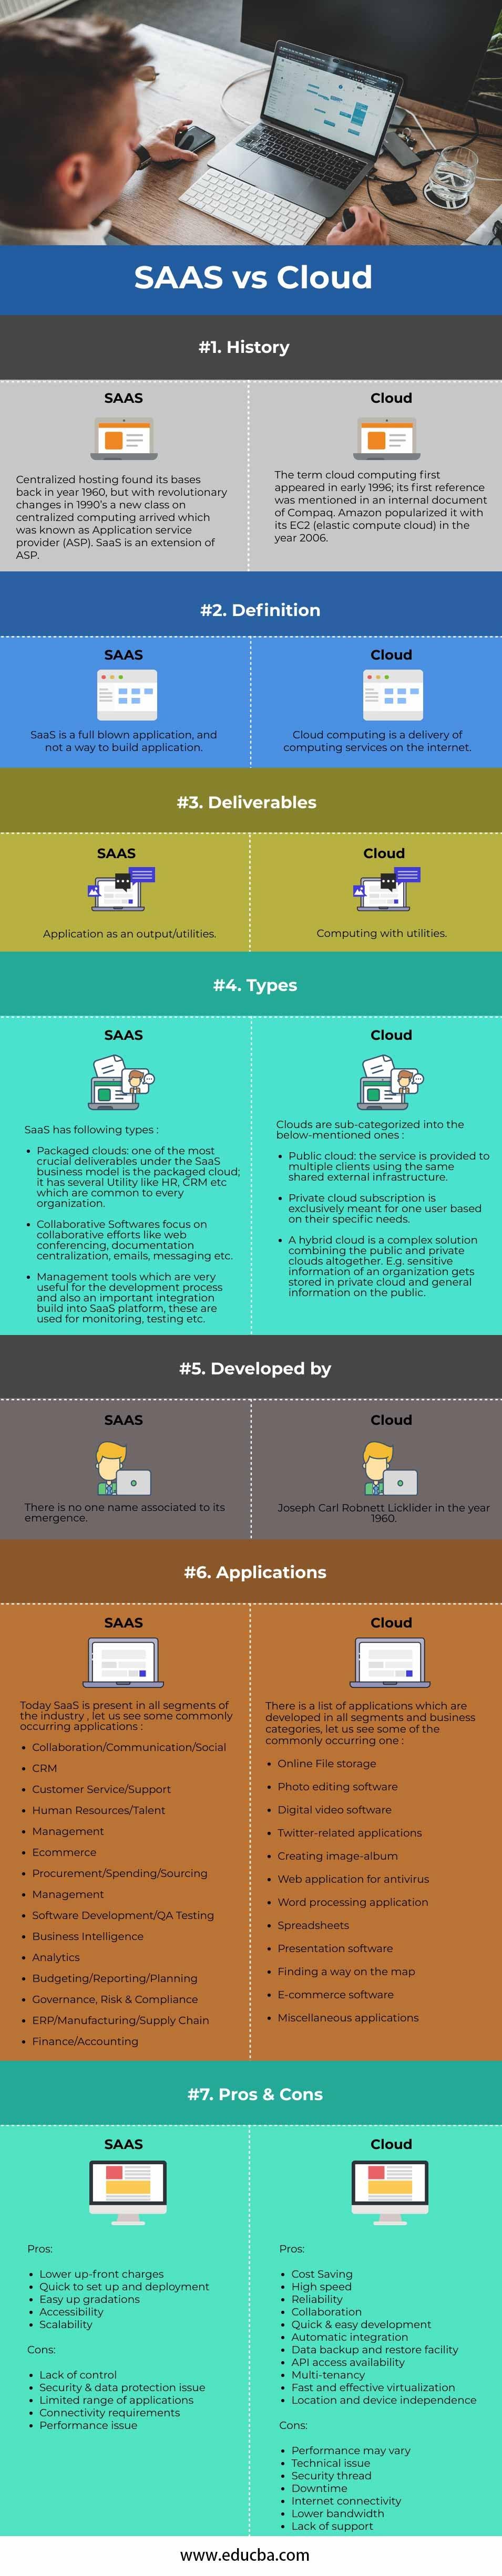 SAAS-vs-Cloud-info